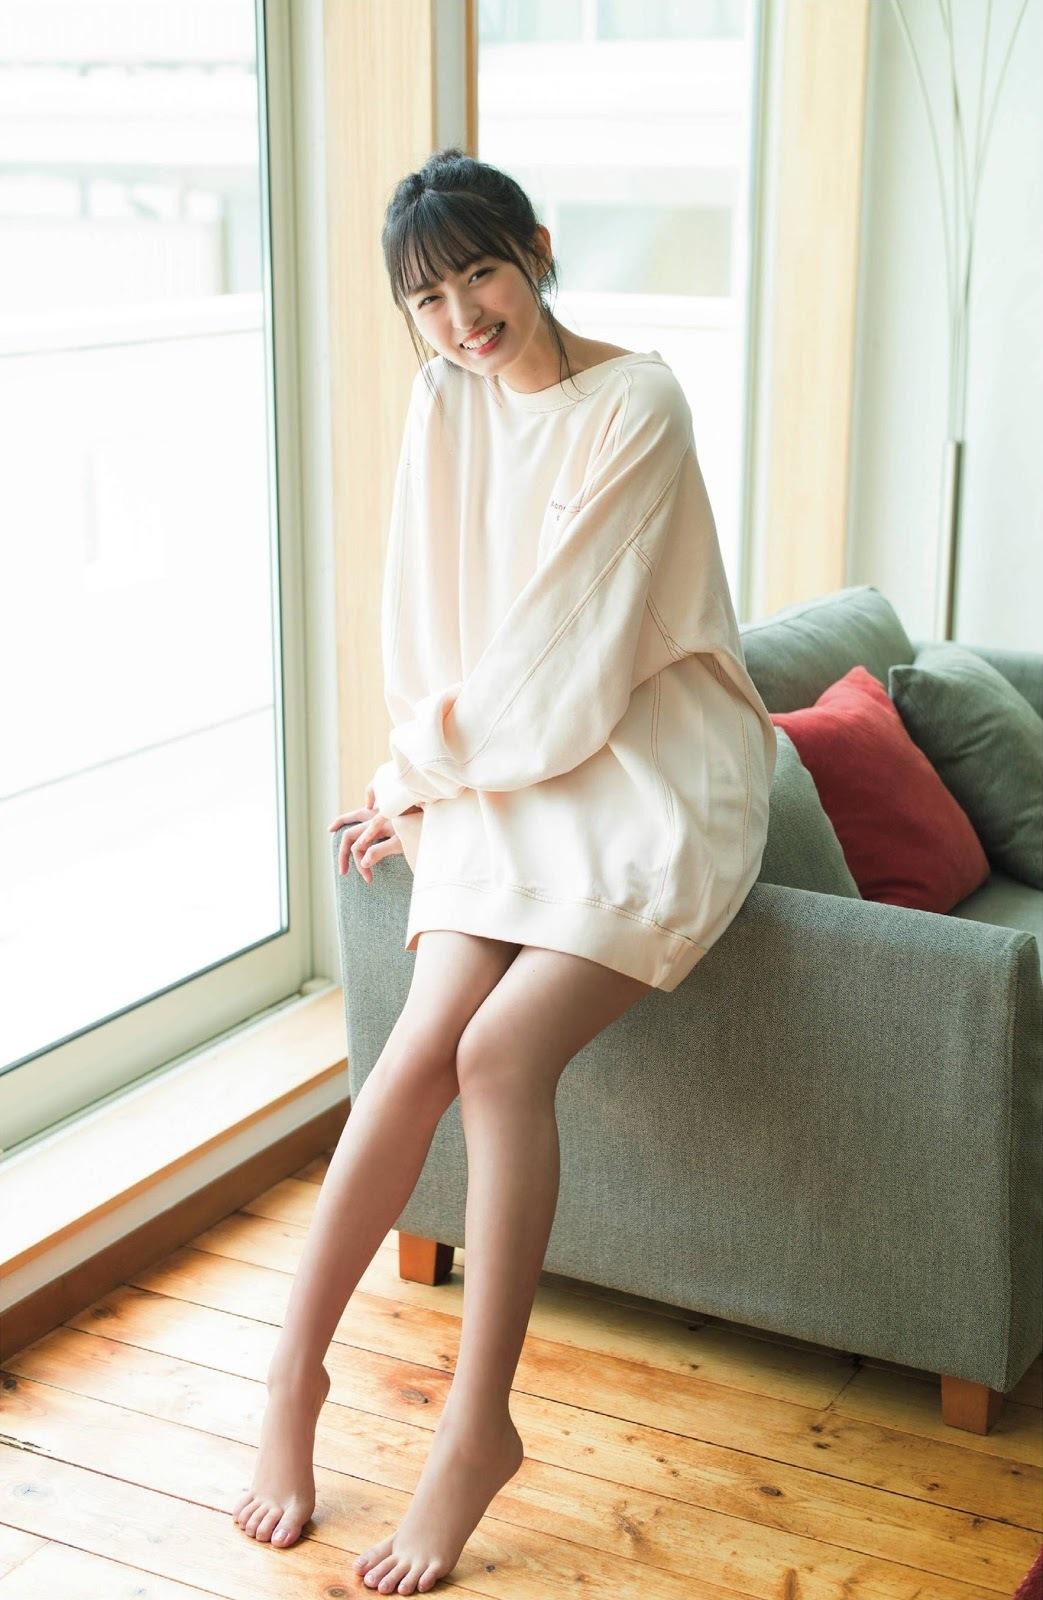 乃木坂46偶像远藤さくら开朗笑颜散发纯真气息 网络美女 第24张